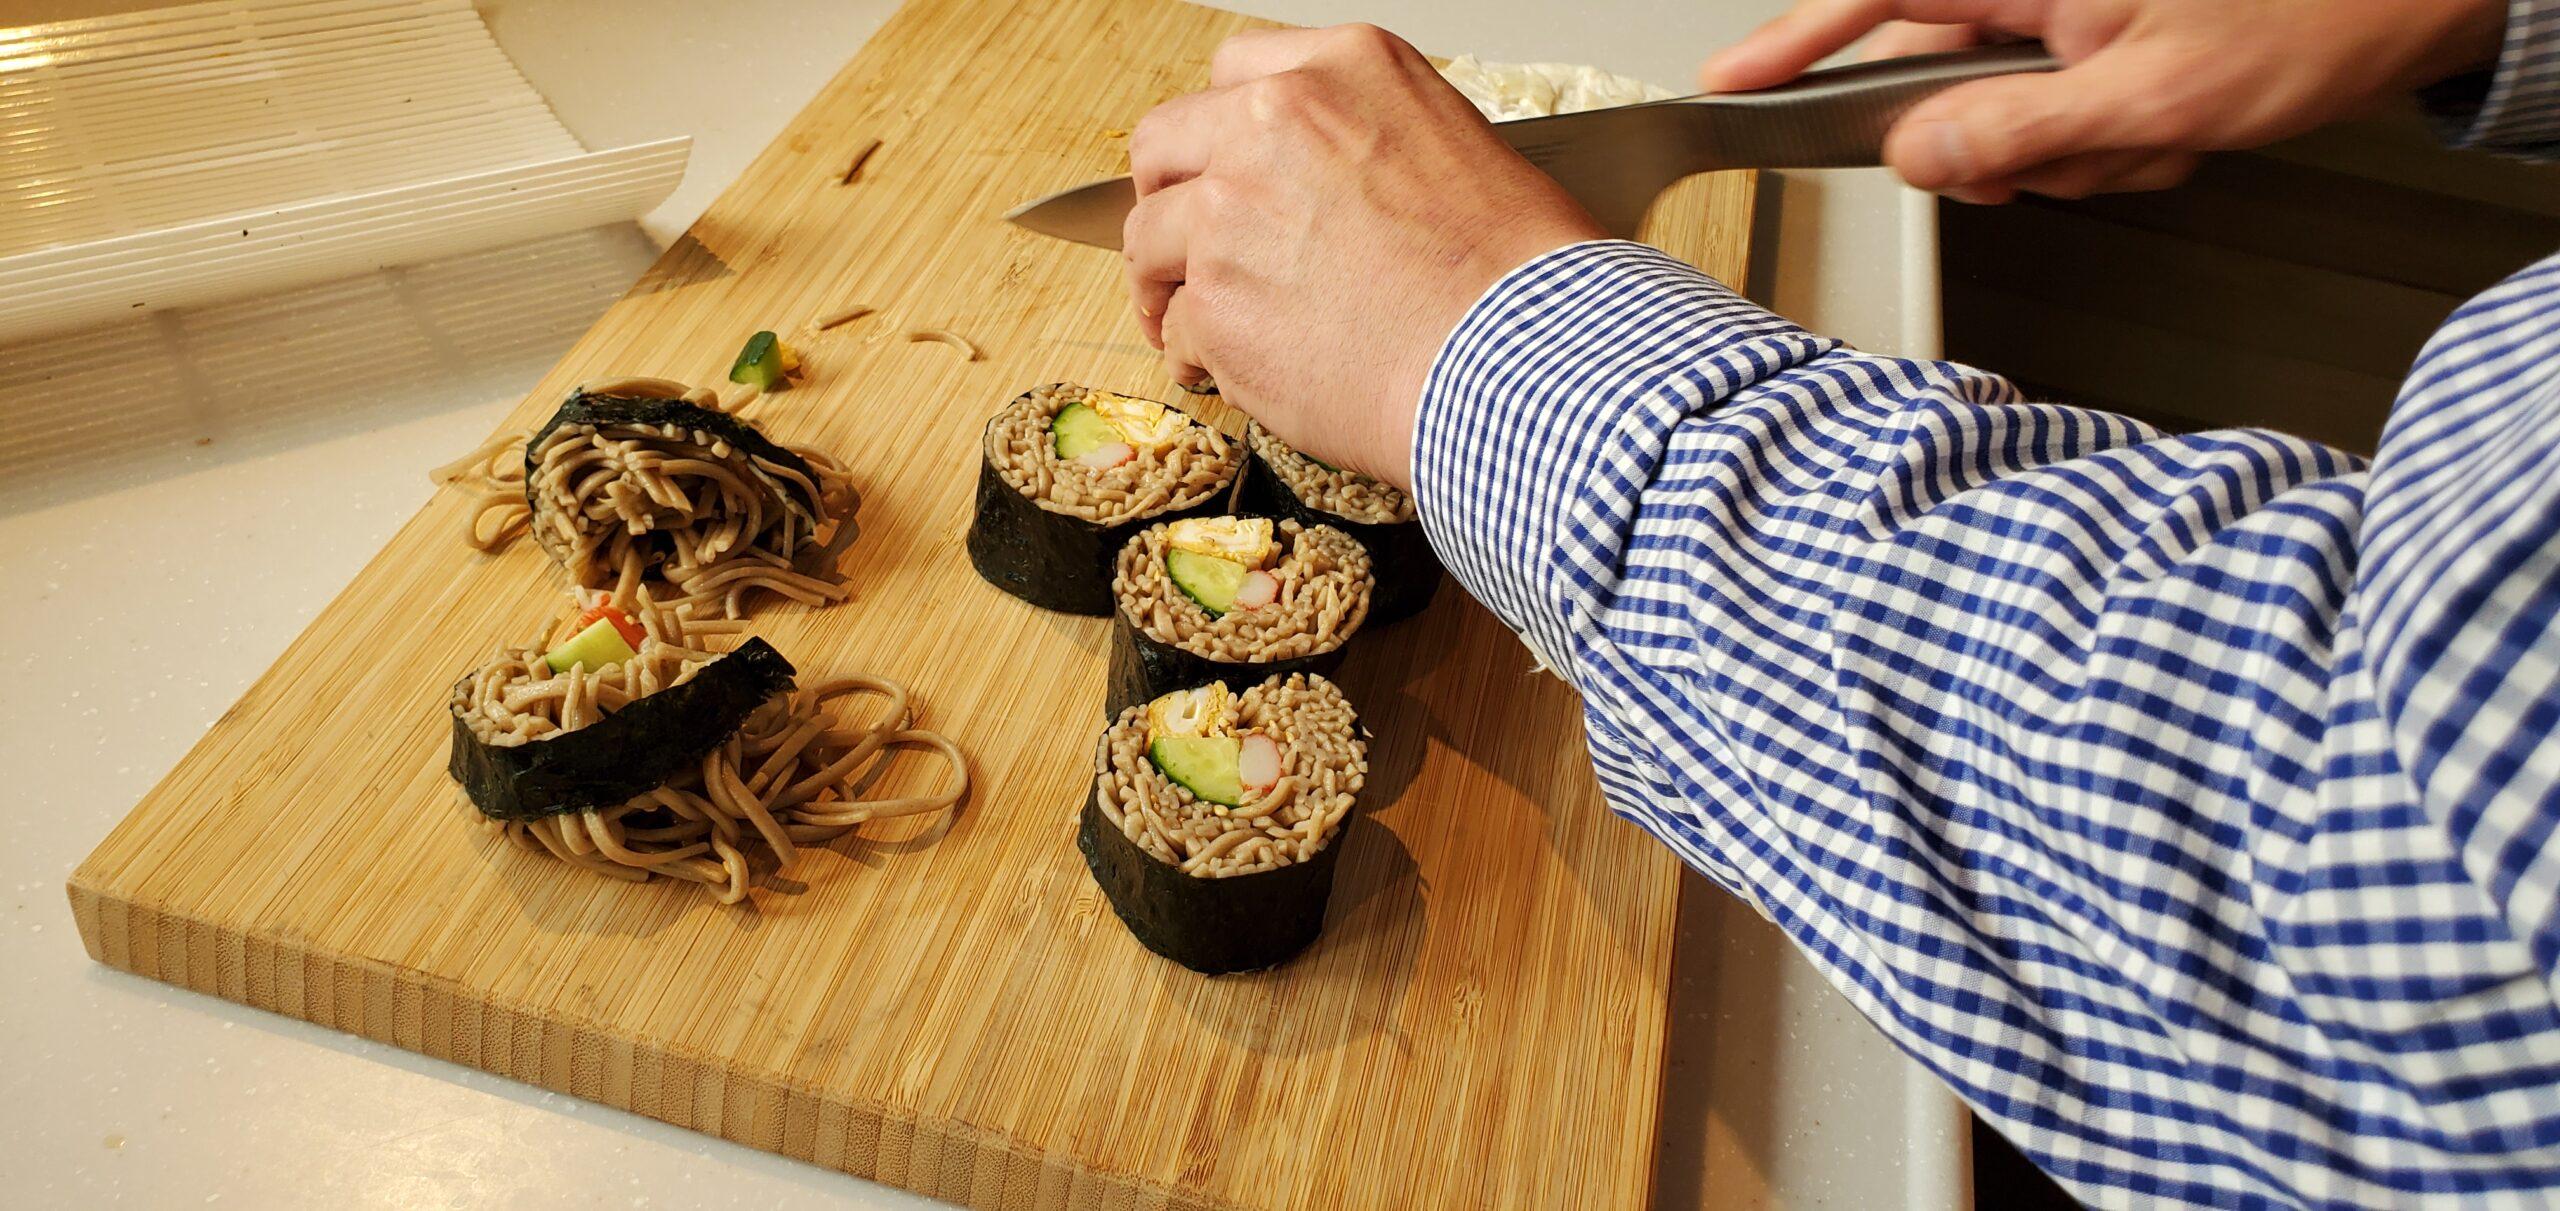 そば寿司の完成